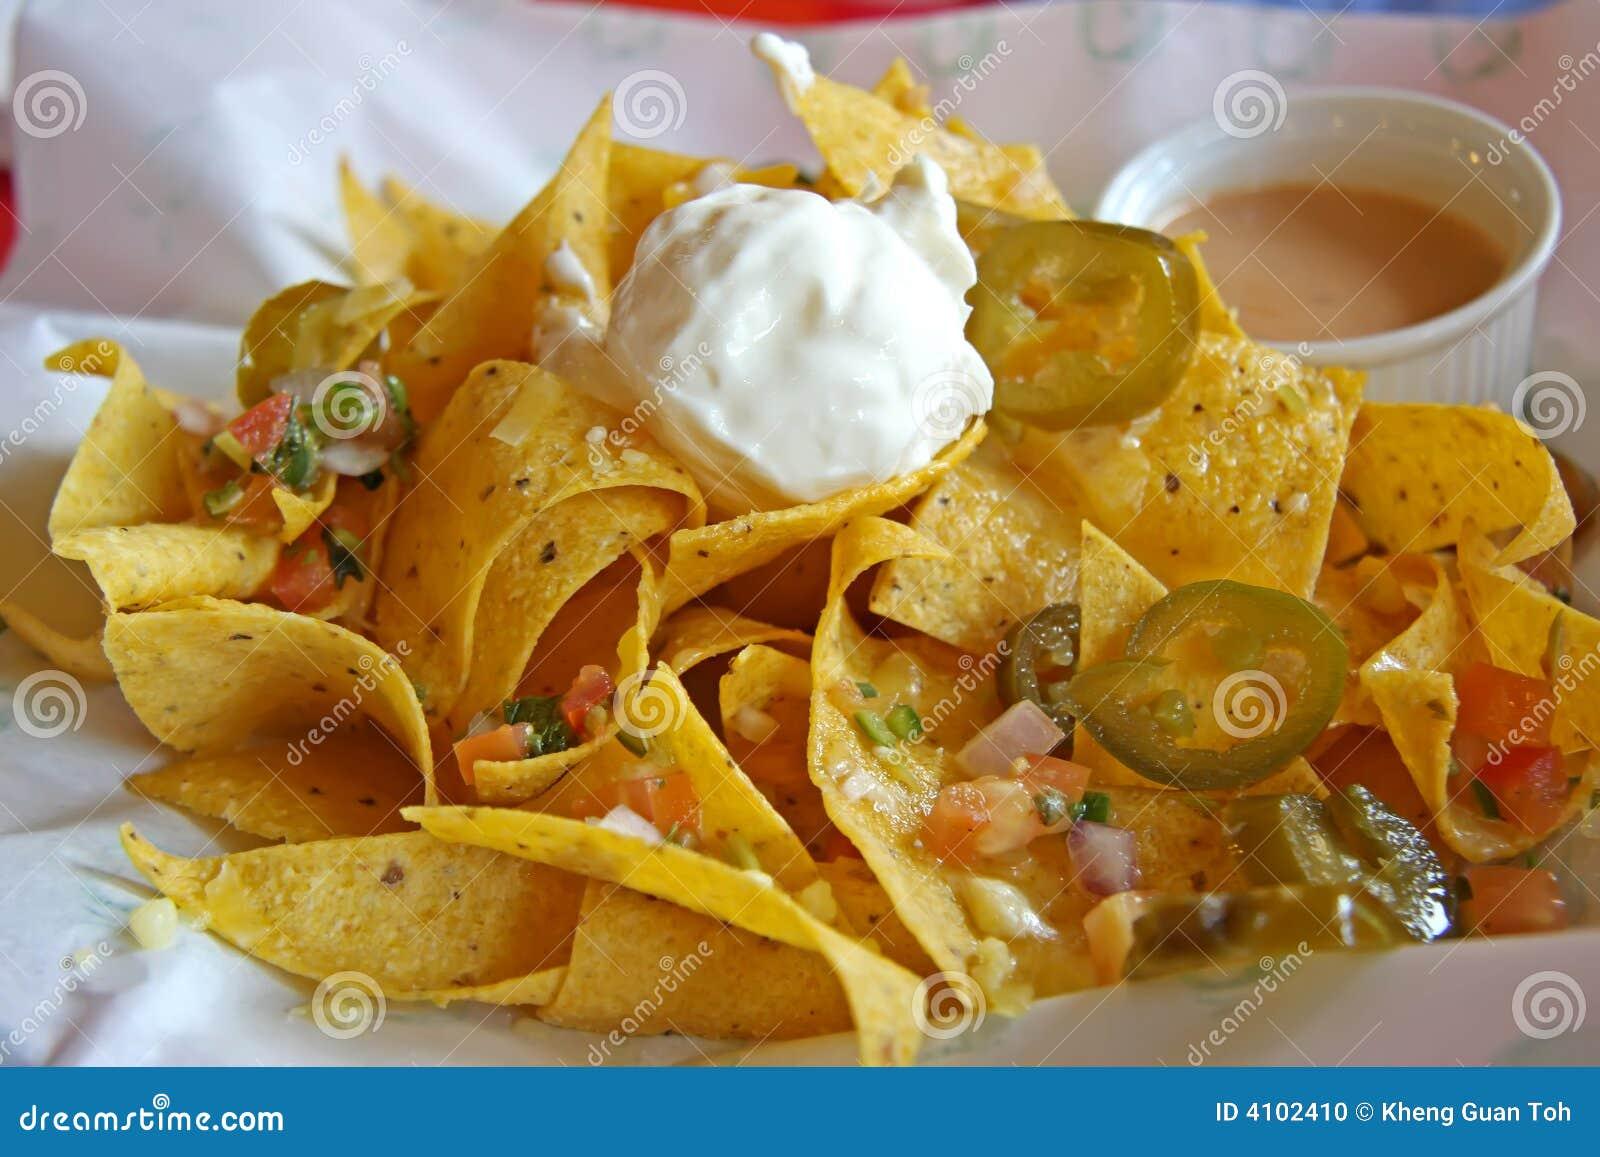 Nachos Mexicanos Foto de Stock - Imagem: 4102410